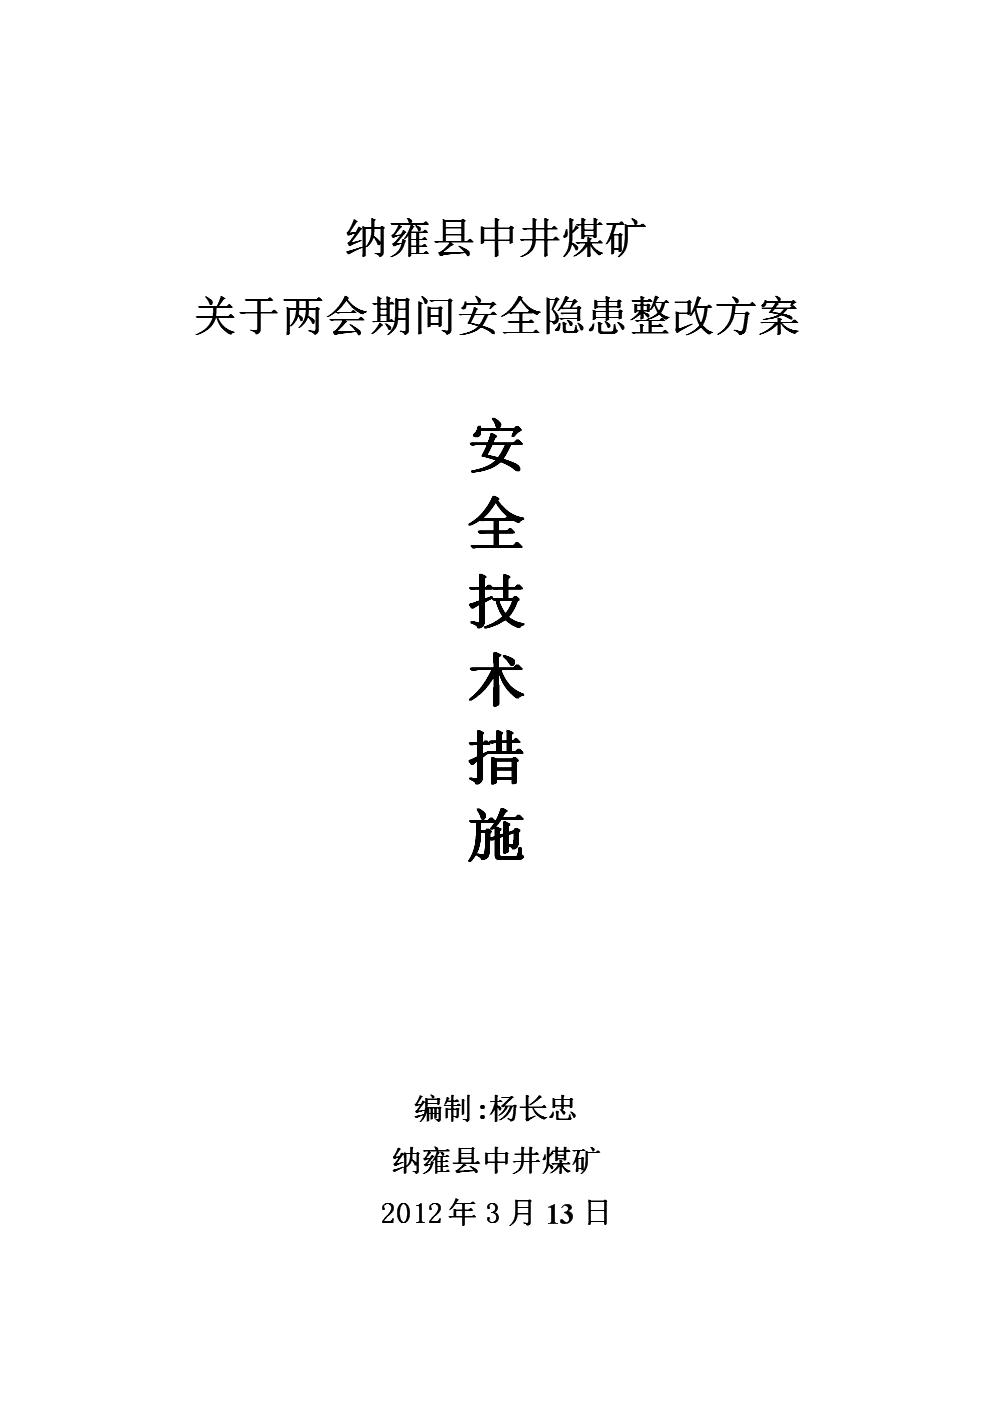 中井煤矿隐患整改方案及安全技术措施2012.3.13.doc